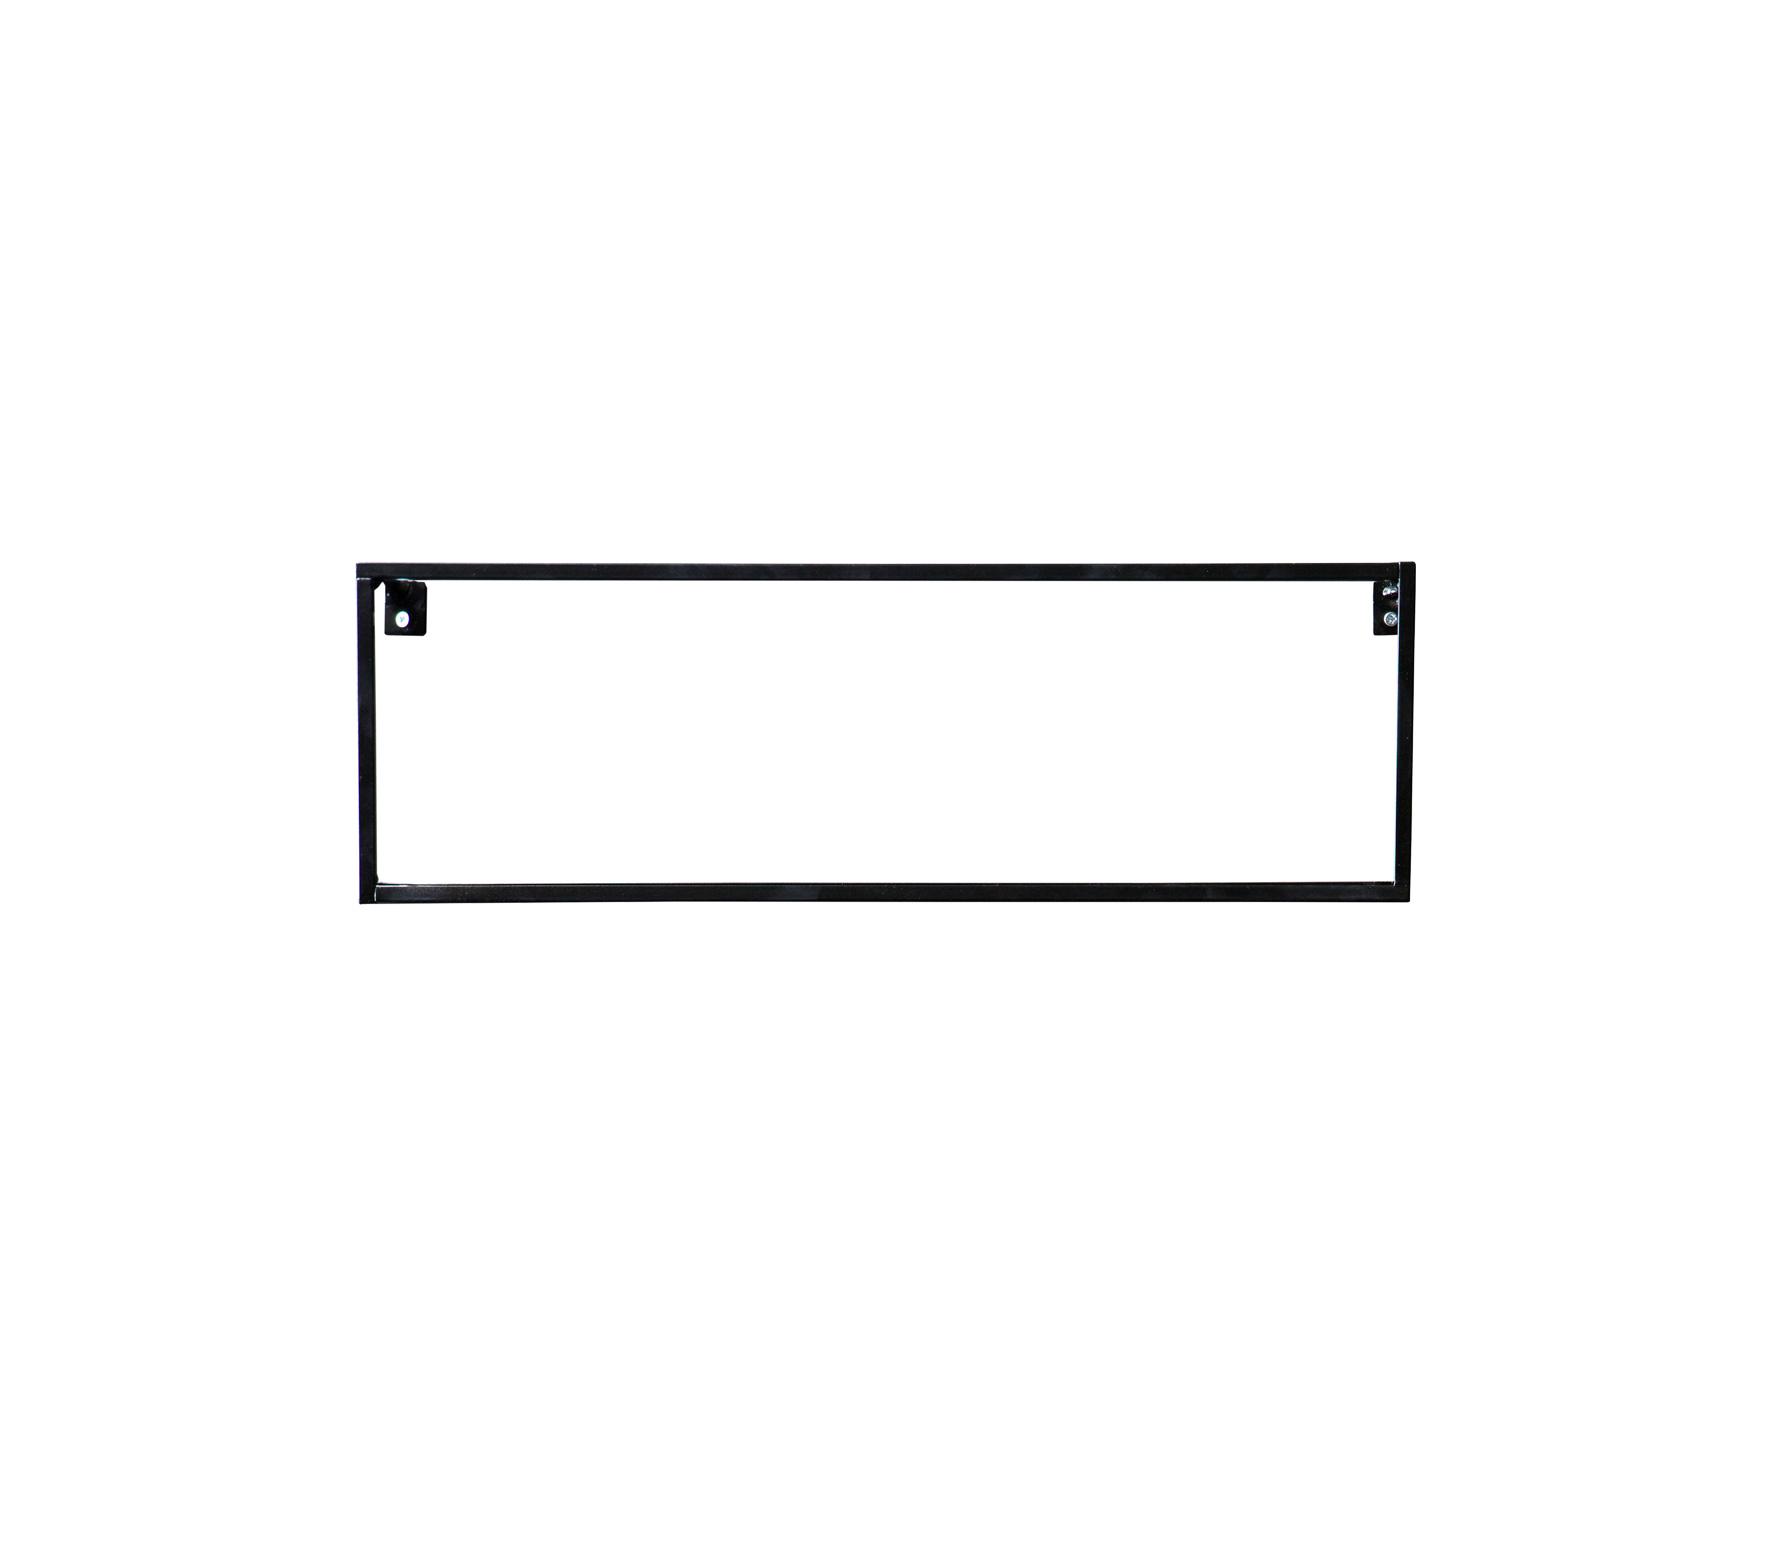 Wandplank Zwart Metaal.Woood Meert Wandplank 50 Cm Metaal Wordt Gratis Thuisbezorgd Met 60